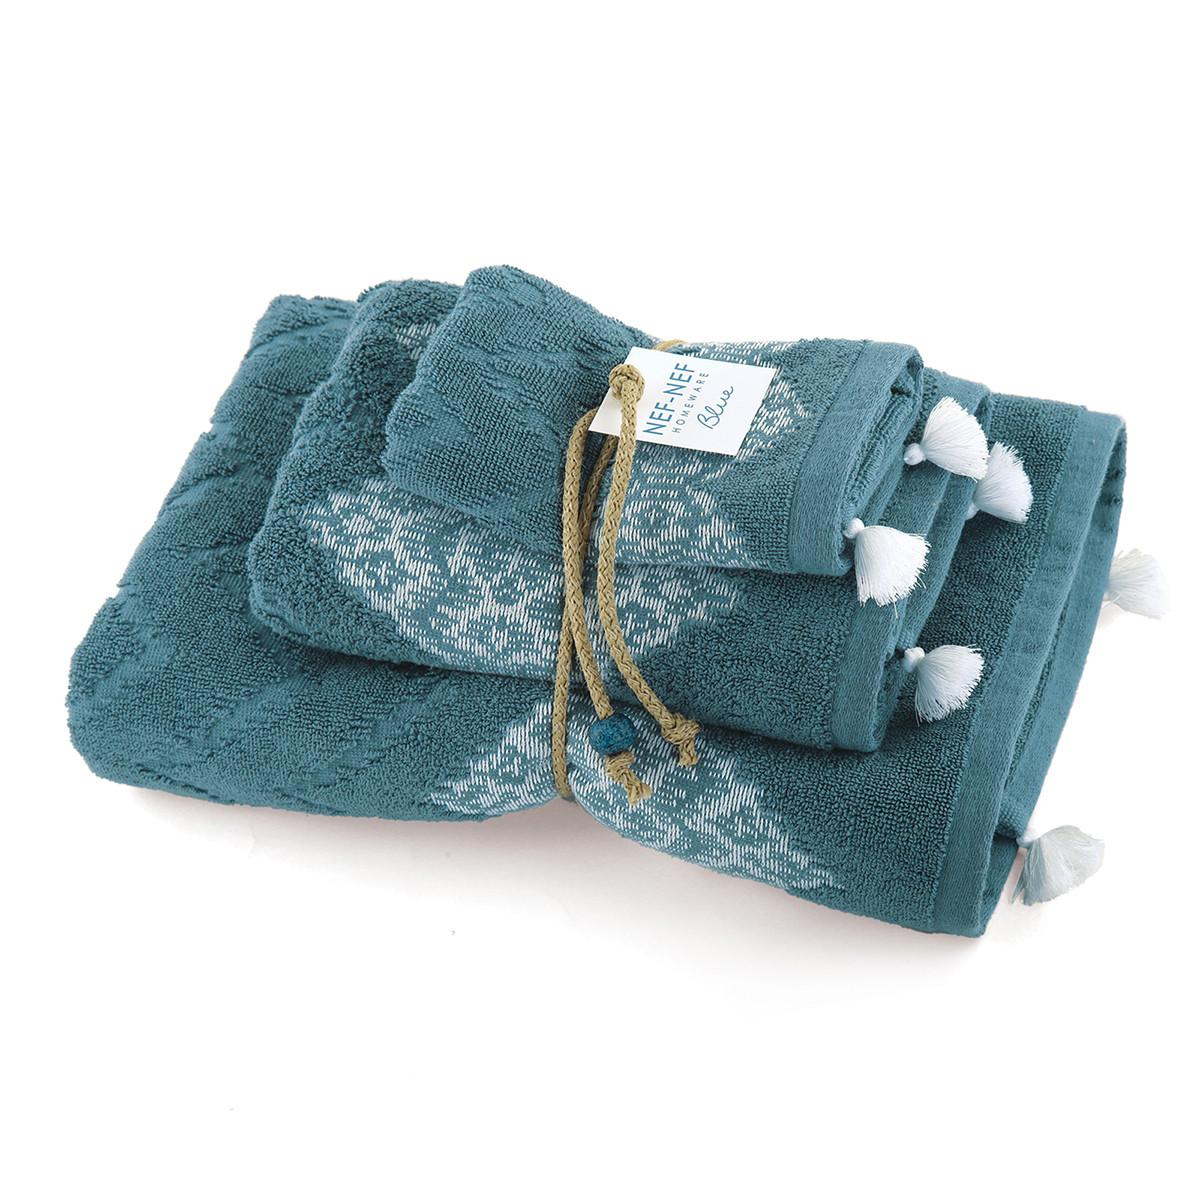 Πετσέτες Μπάνιου (Σετ 3τμχ) Nef-Nef Blue Collection Strong